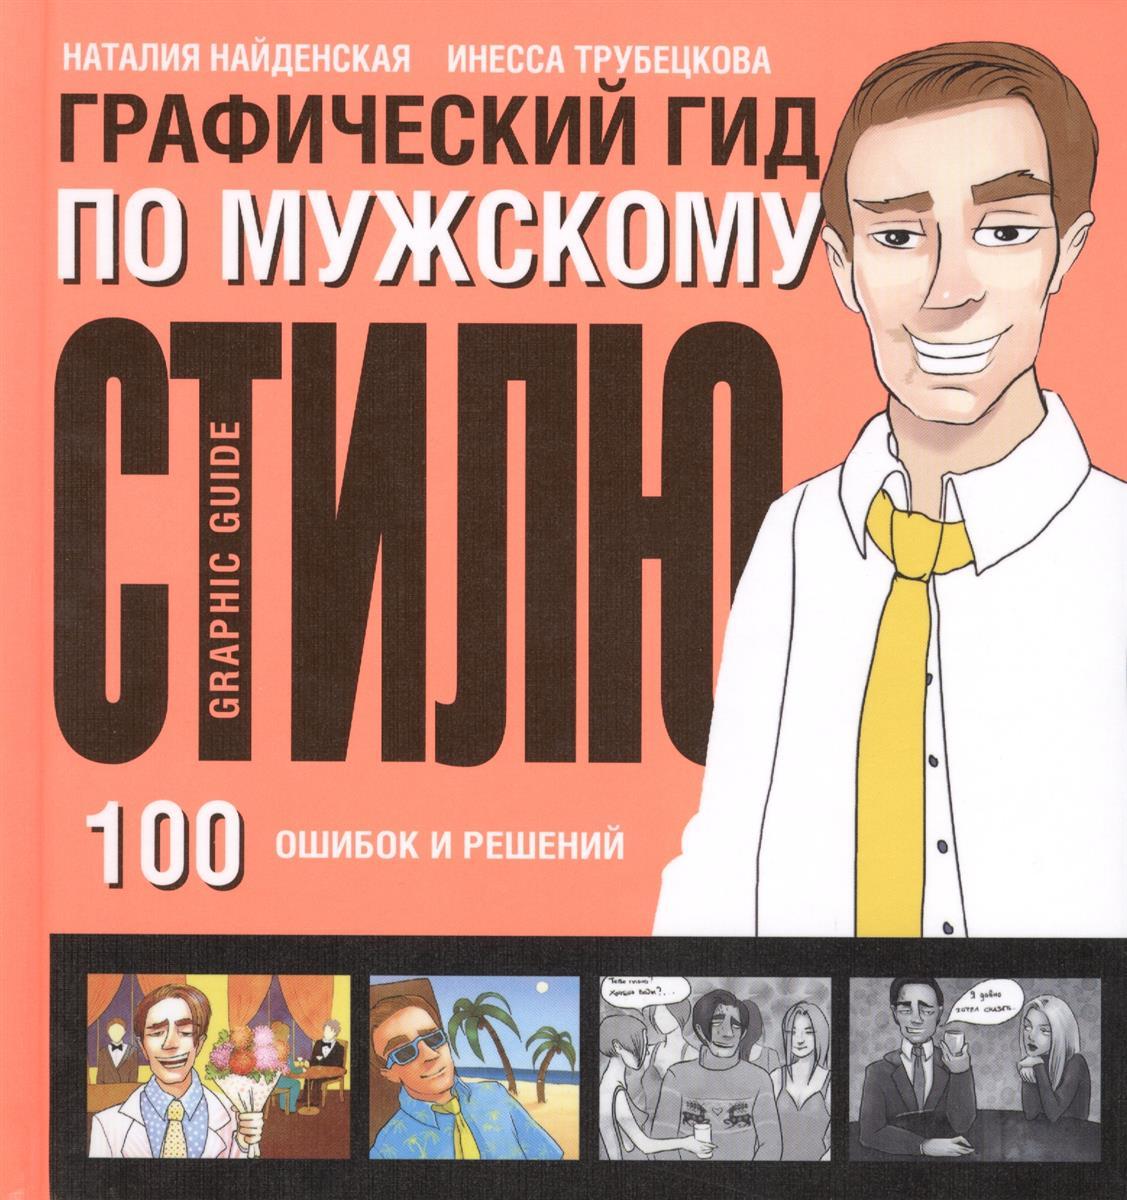 Найденская Н., Трубецкова И. Графический гид по мужскому стилю. 100 ошибок и решений